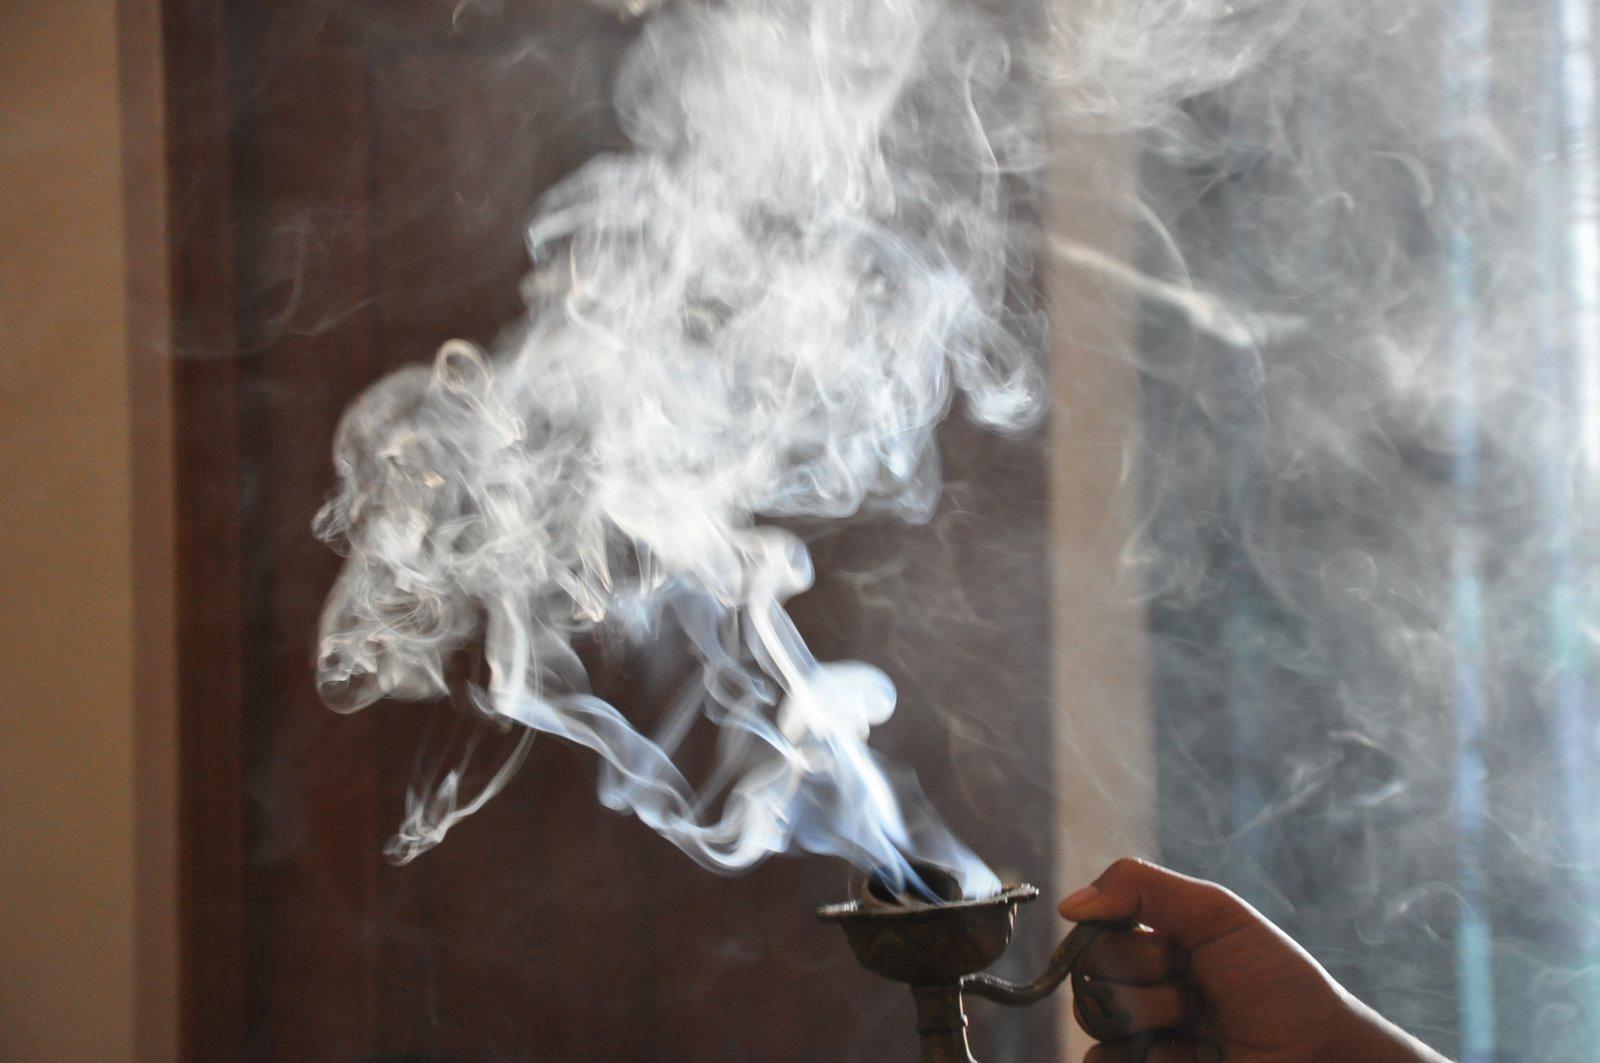 раз убеждаюсь дым благовоний от энергии последнему